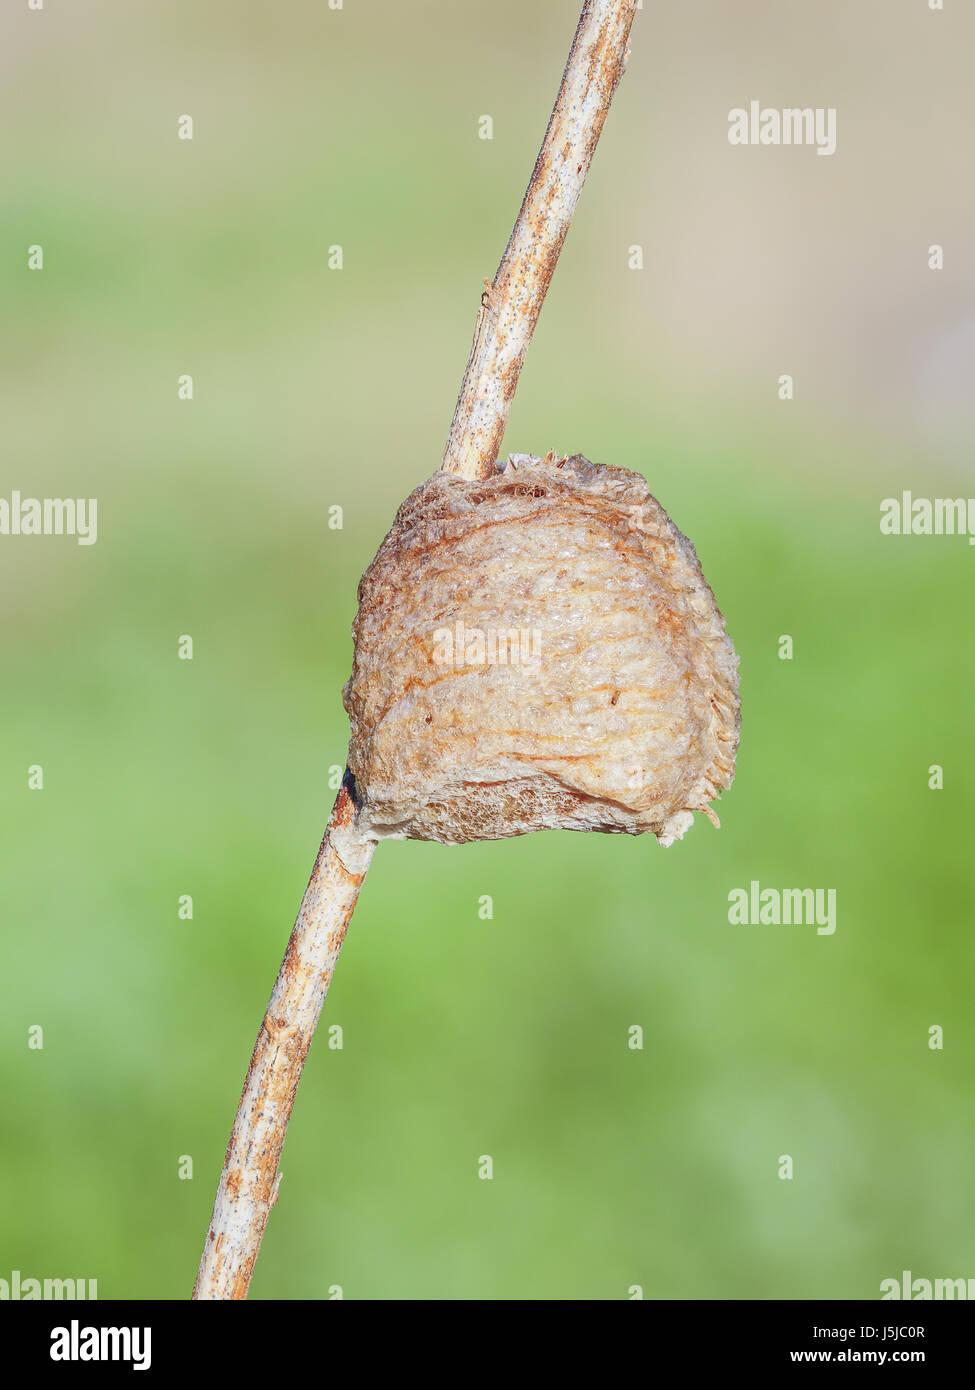 Ein chinesischer Mantis (Tenodera Sinensis Sinensis) Ootheca (Ei-Masse) an einem Pflanzenstängel befestigt. Stockbild